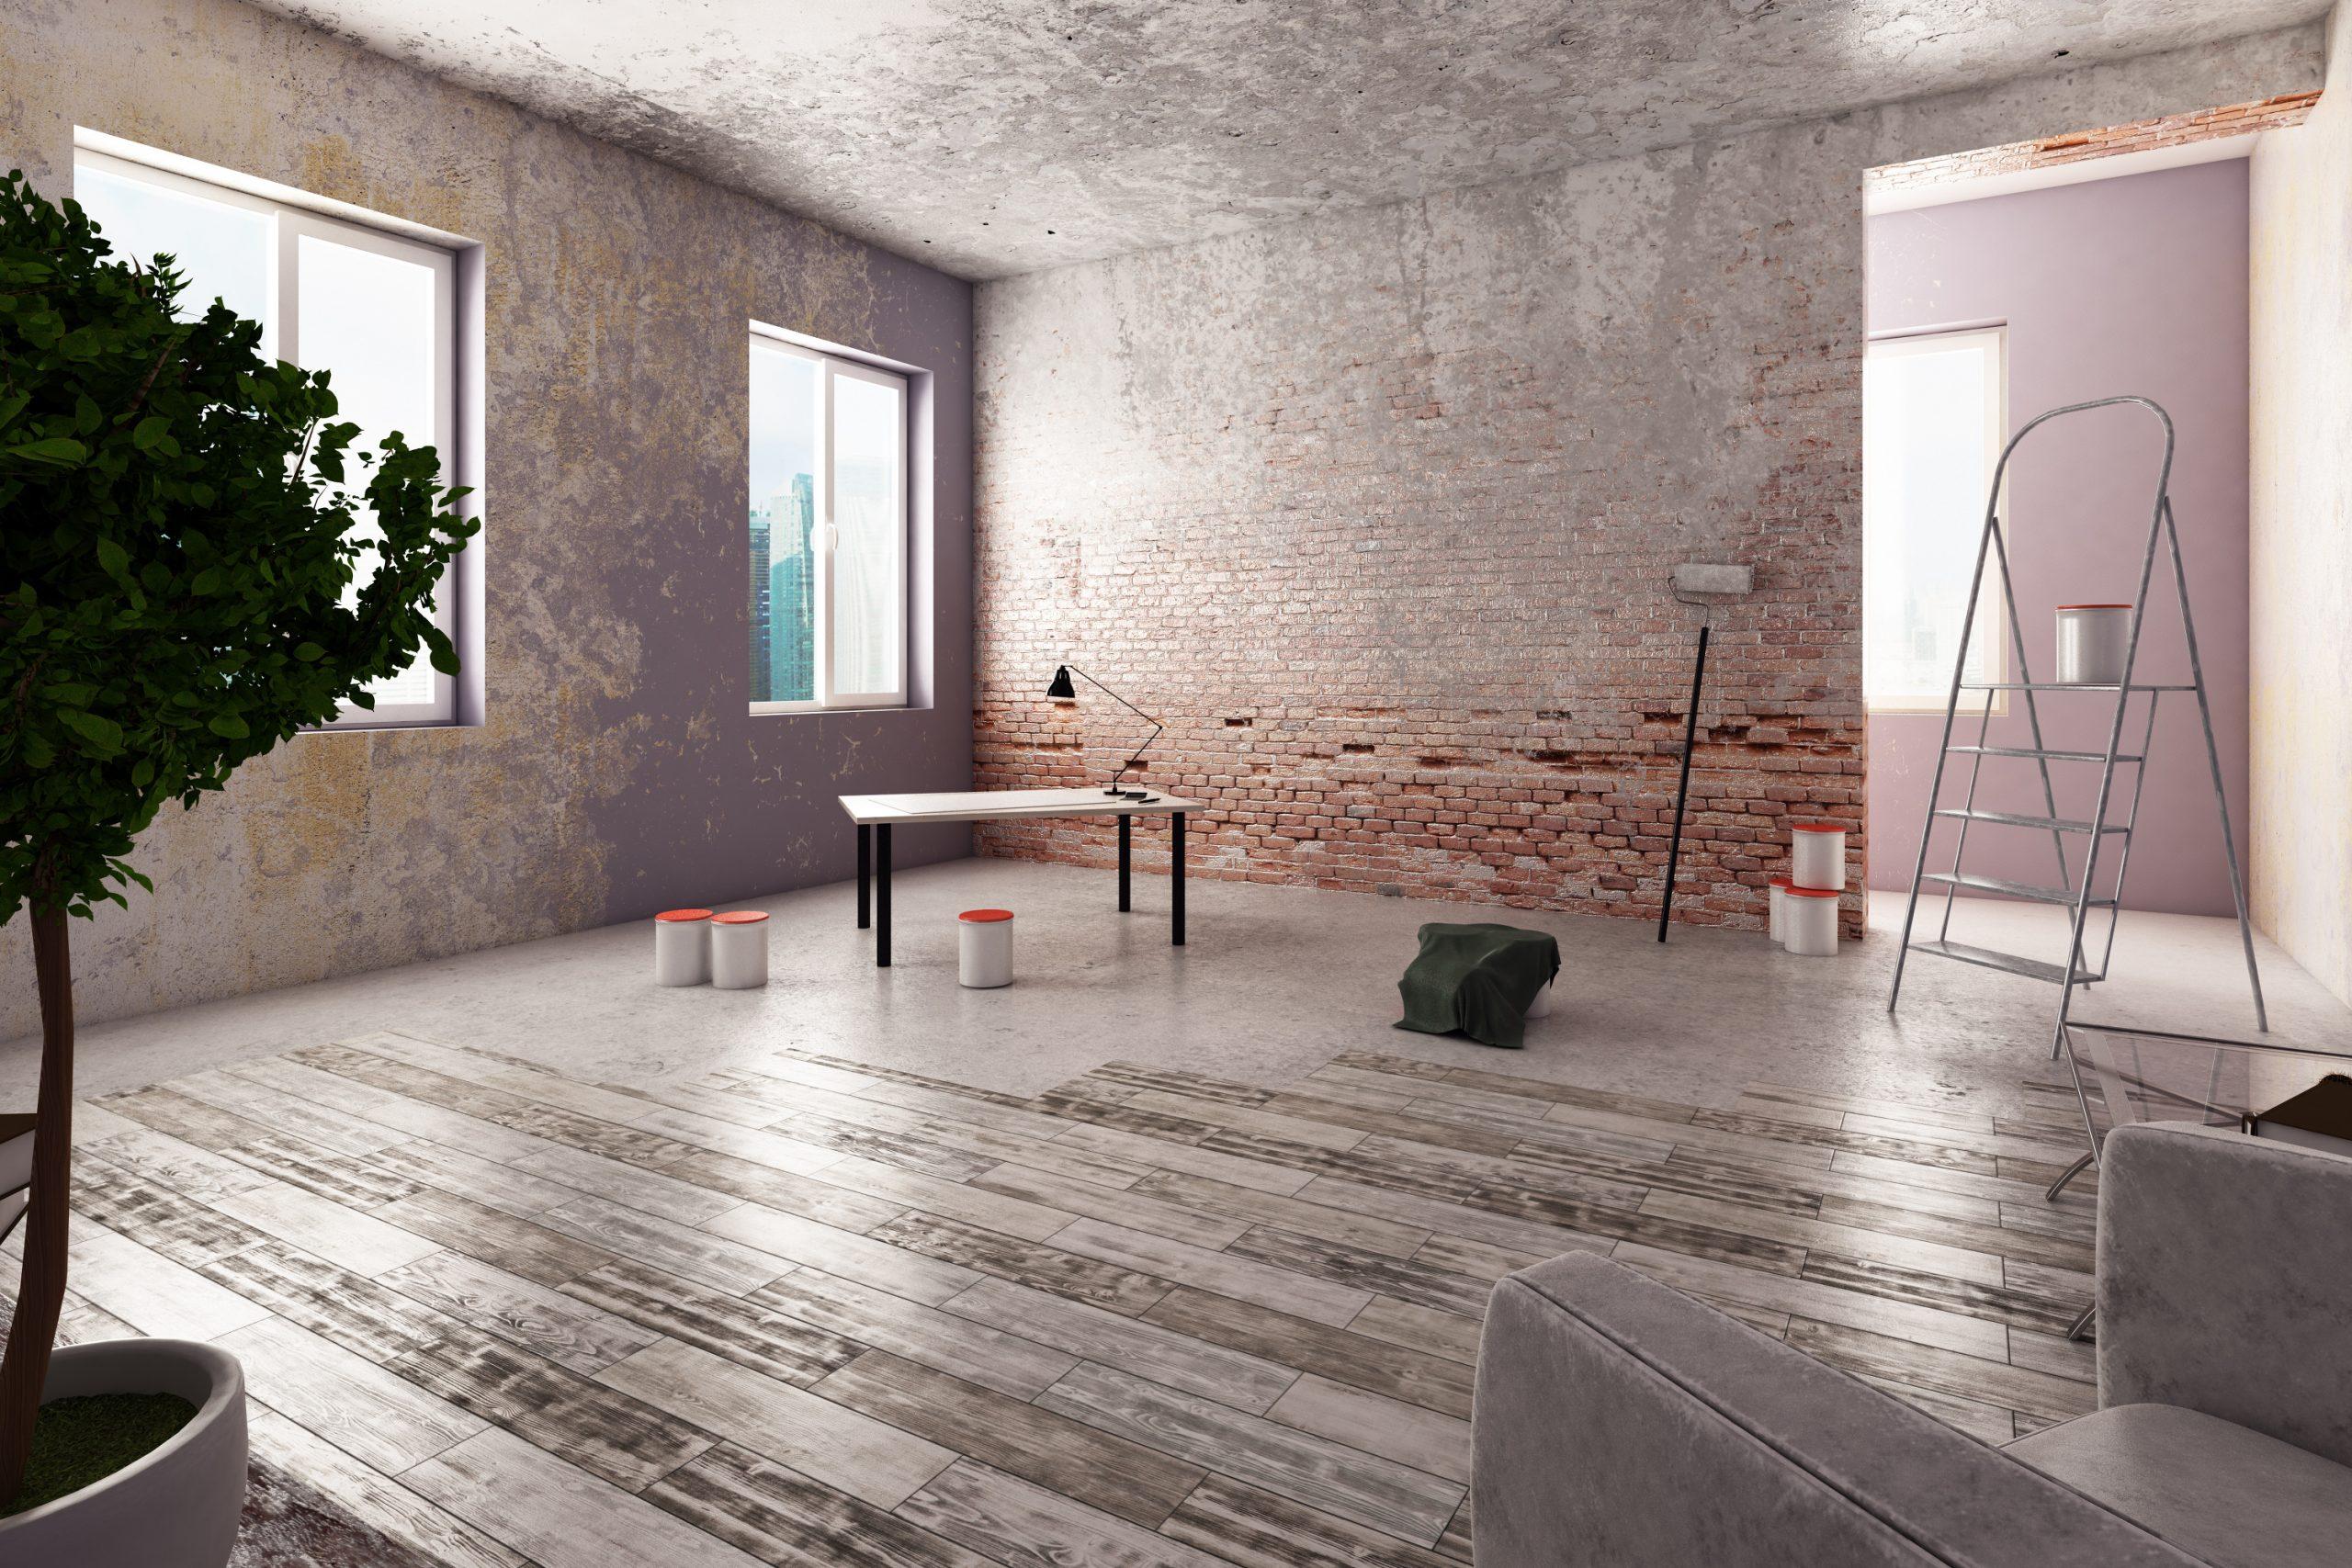 Dilema, ktorá trápi Slovákov: Oplatí sa rekonštruovať starý byt, či rovno kúpiť nový?